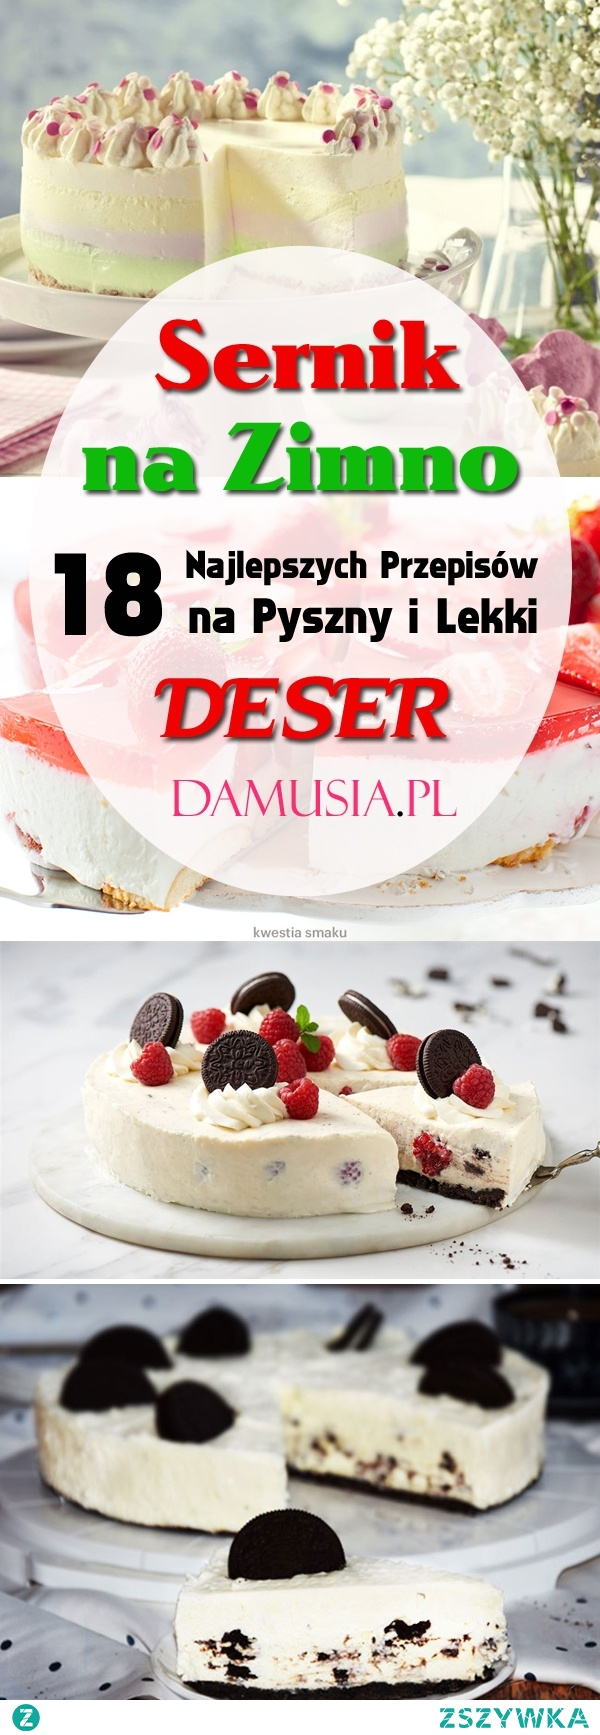 Sernik na Zimno: 18 Najlepszych Przepisów na Pyszny i Lekki Deser